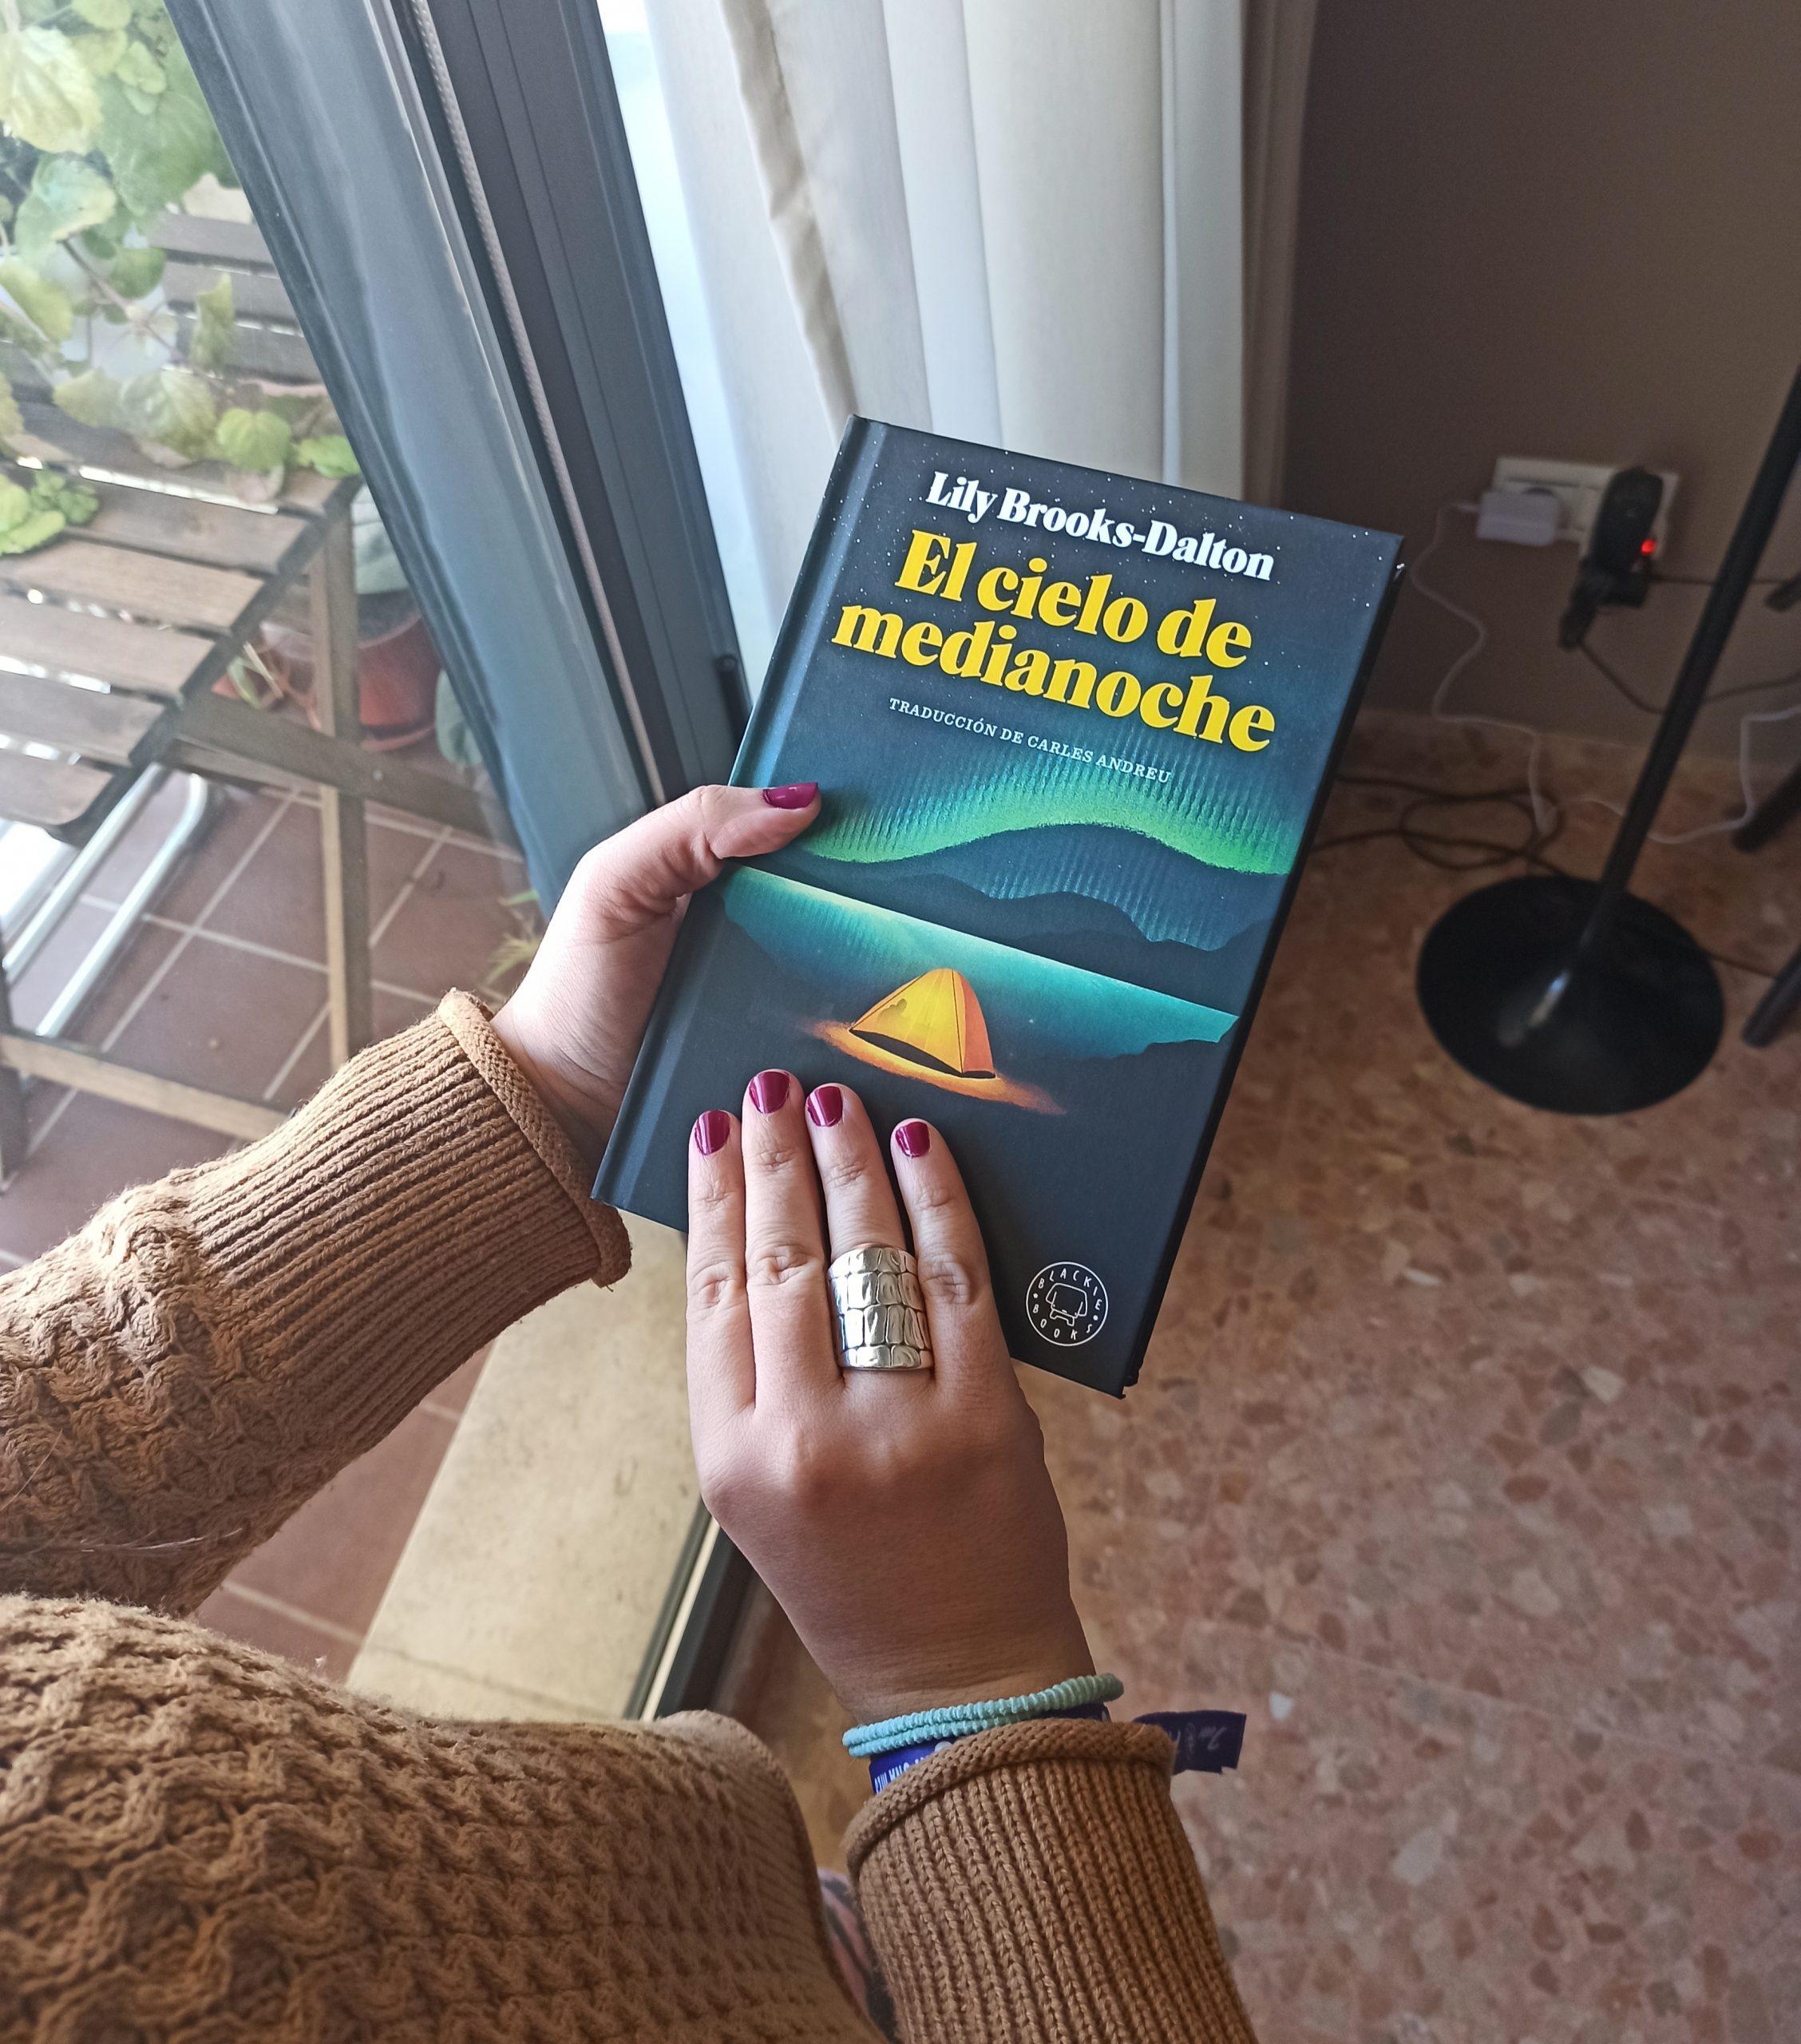 EL CIELO DE MEDIANOCHE, de Lily Brooks-Dalton.